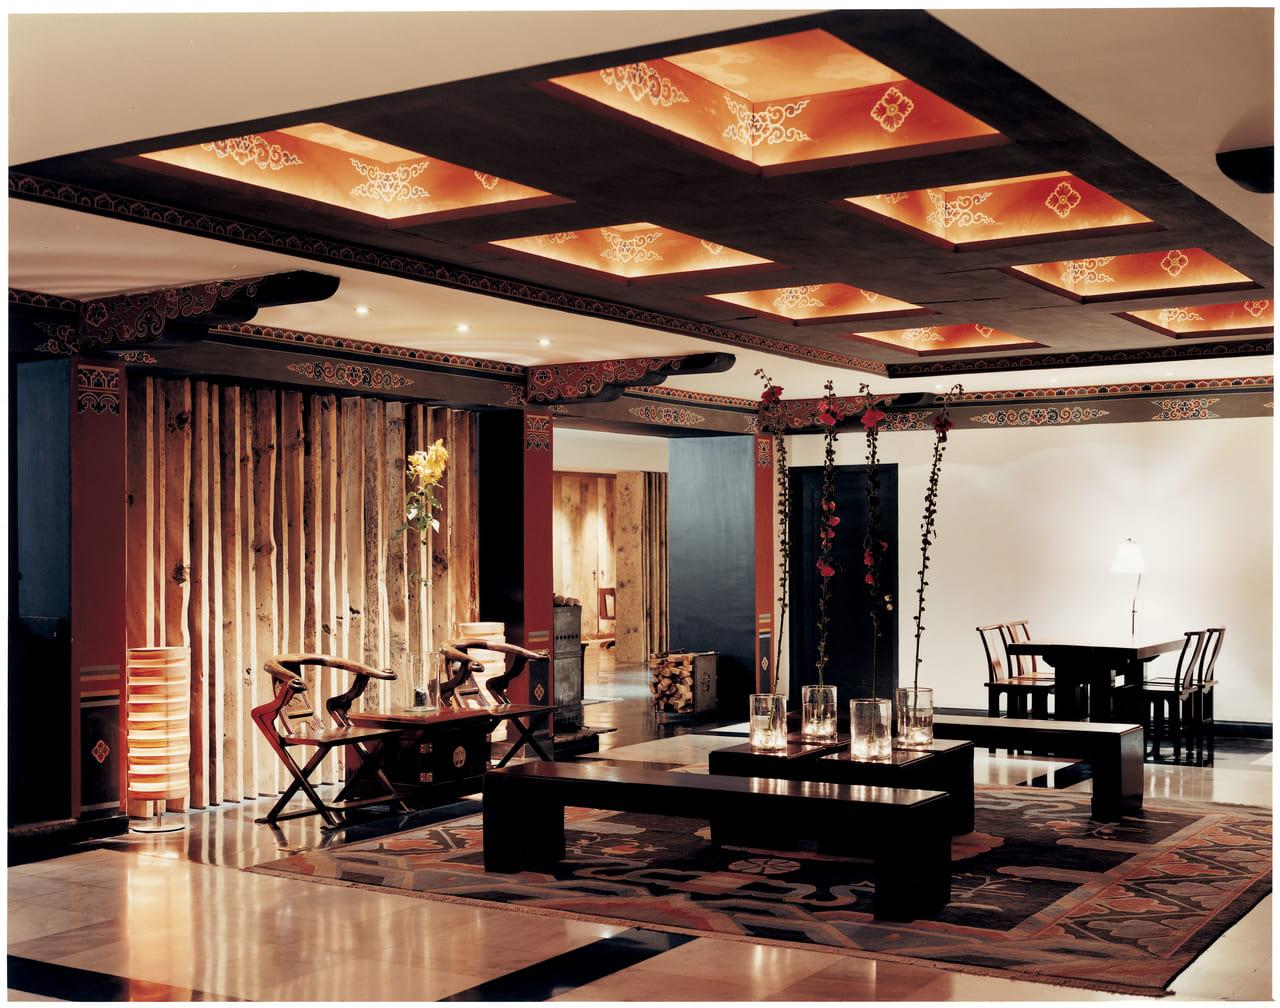 ブータンにもこんなホテルがあるんです。 (ウマ・パロ、ロビー風景)